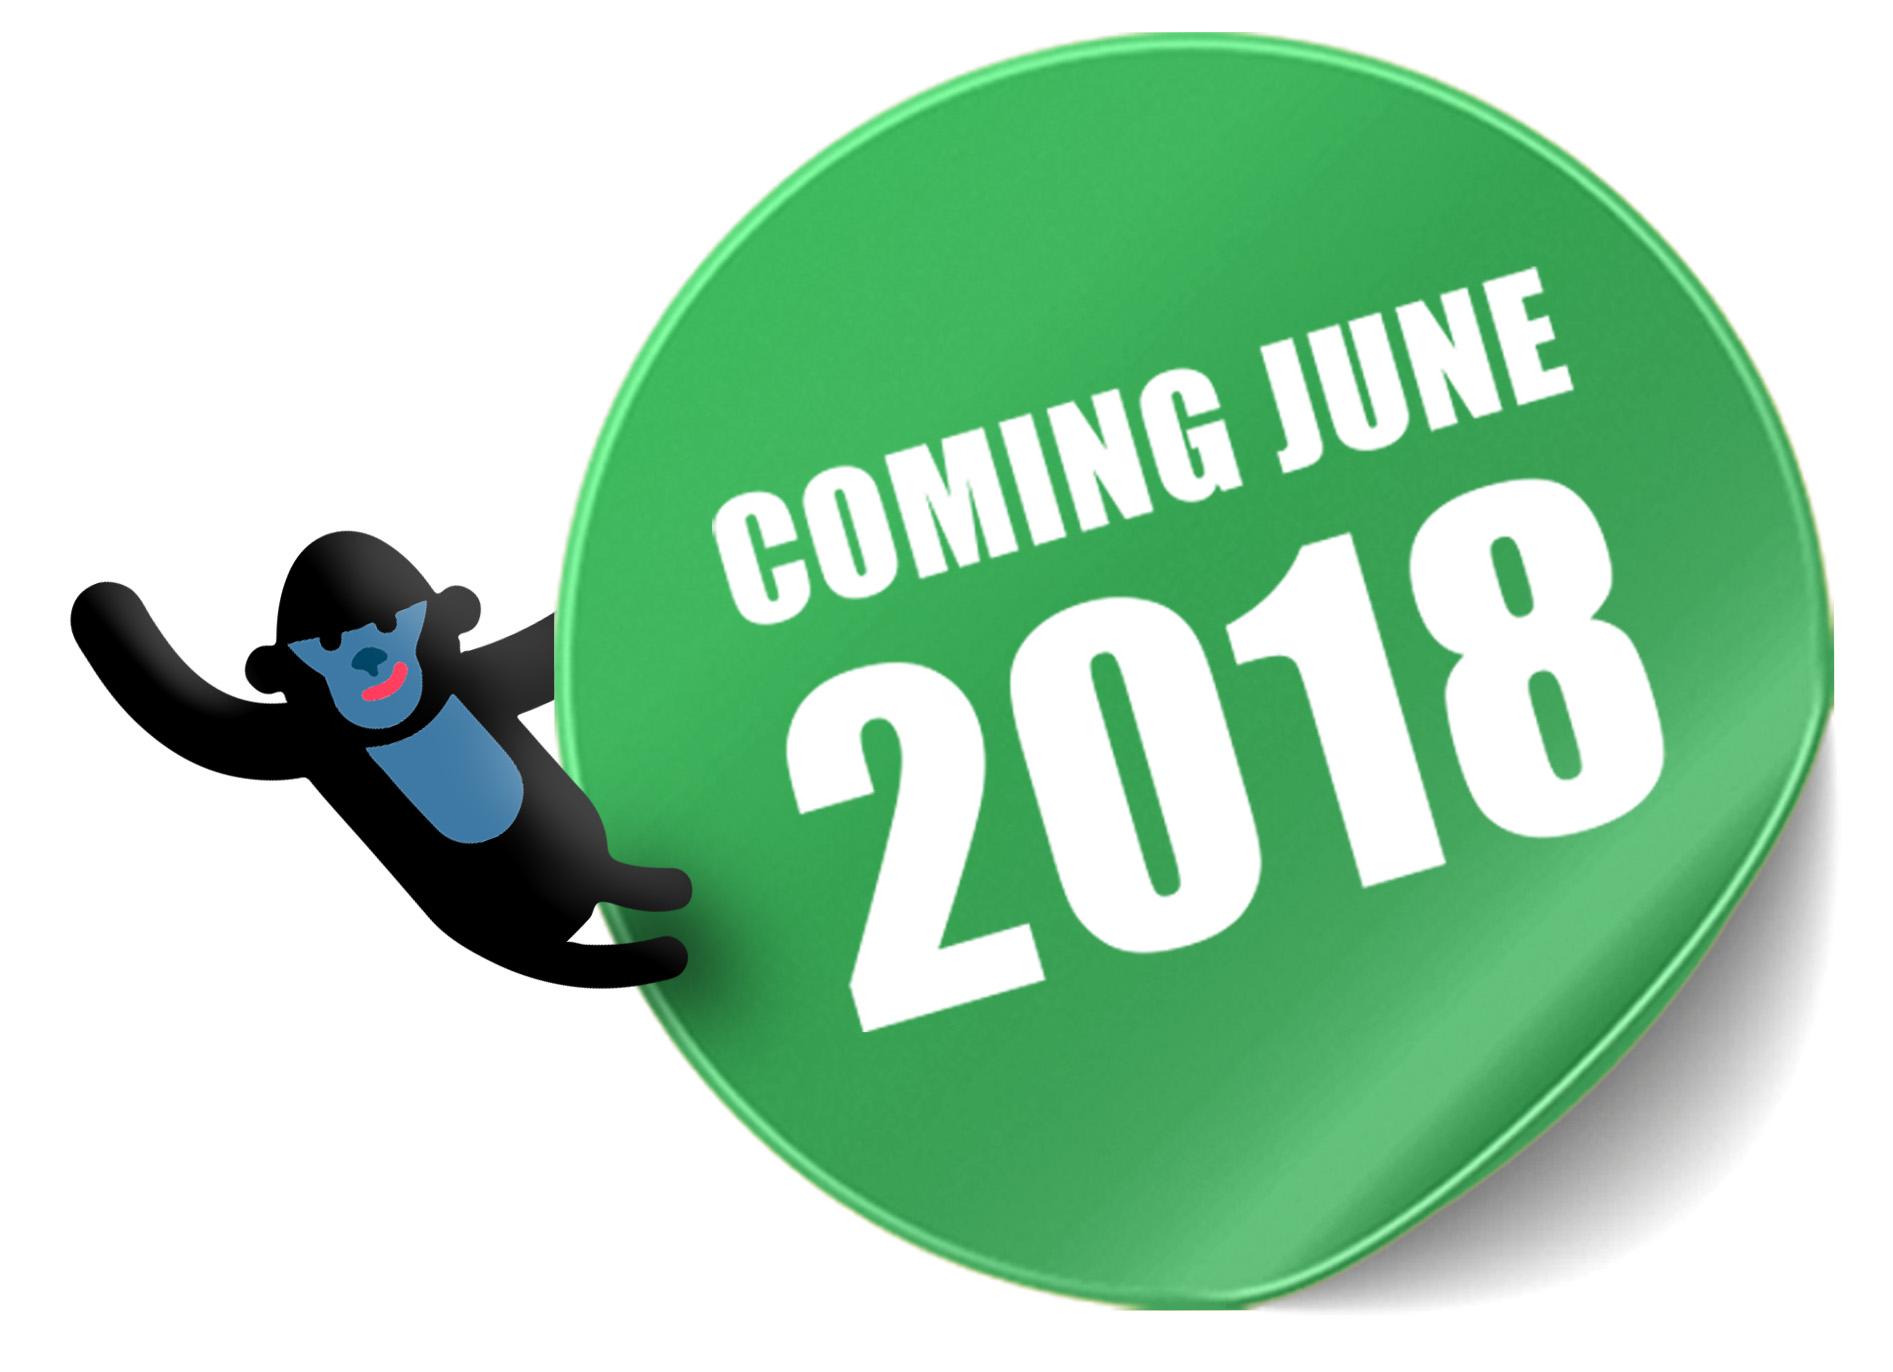 Coming June Badge.jpg